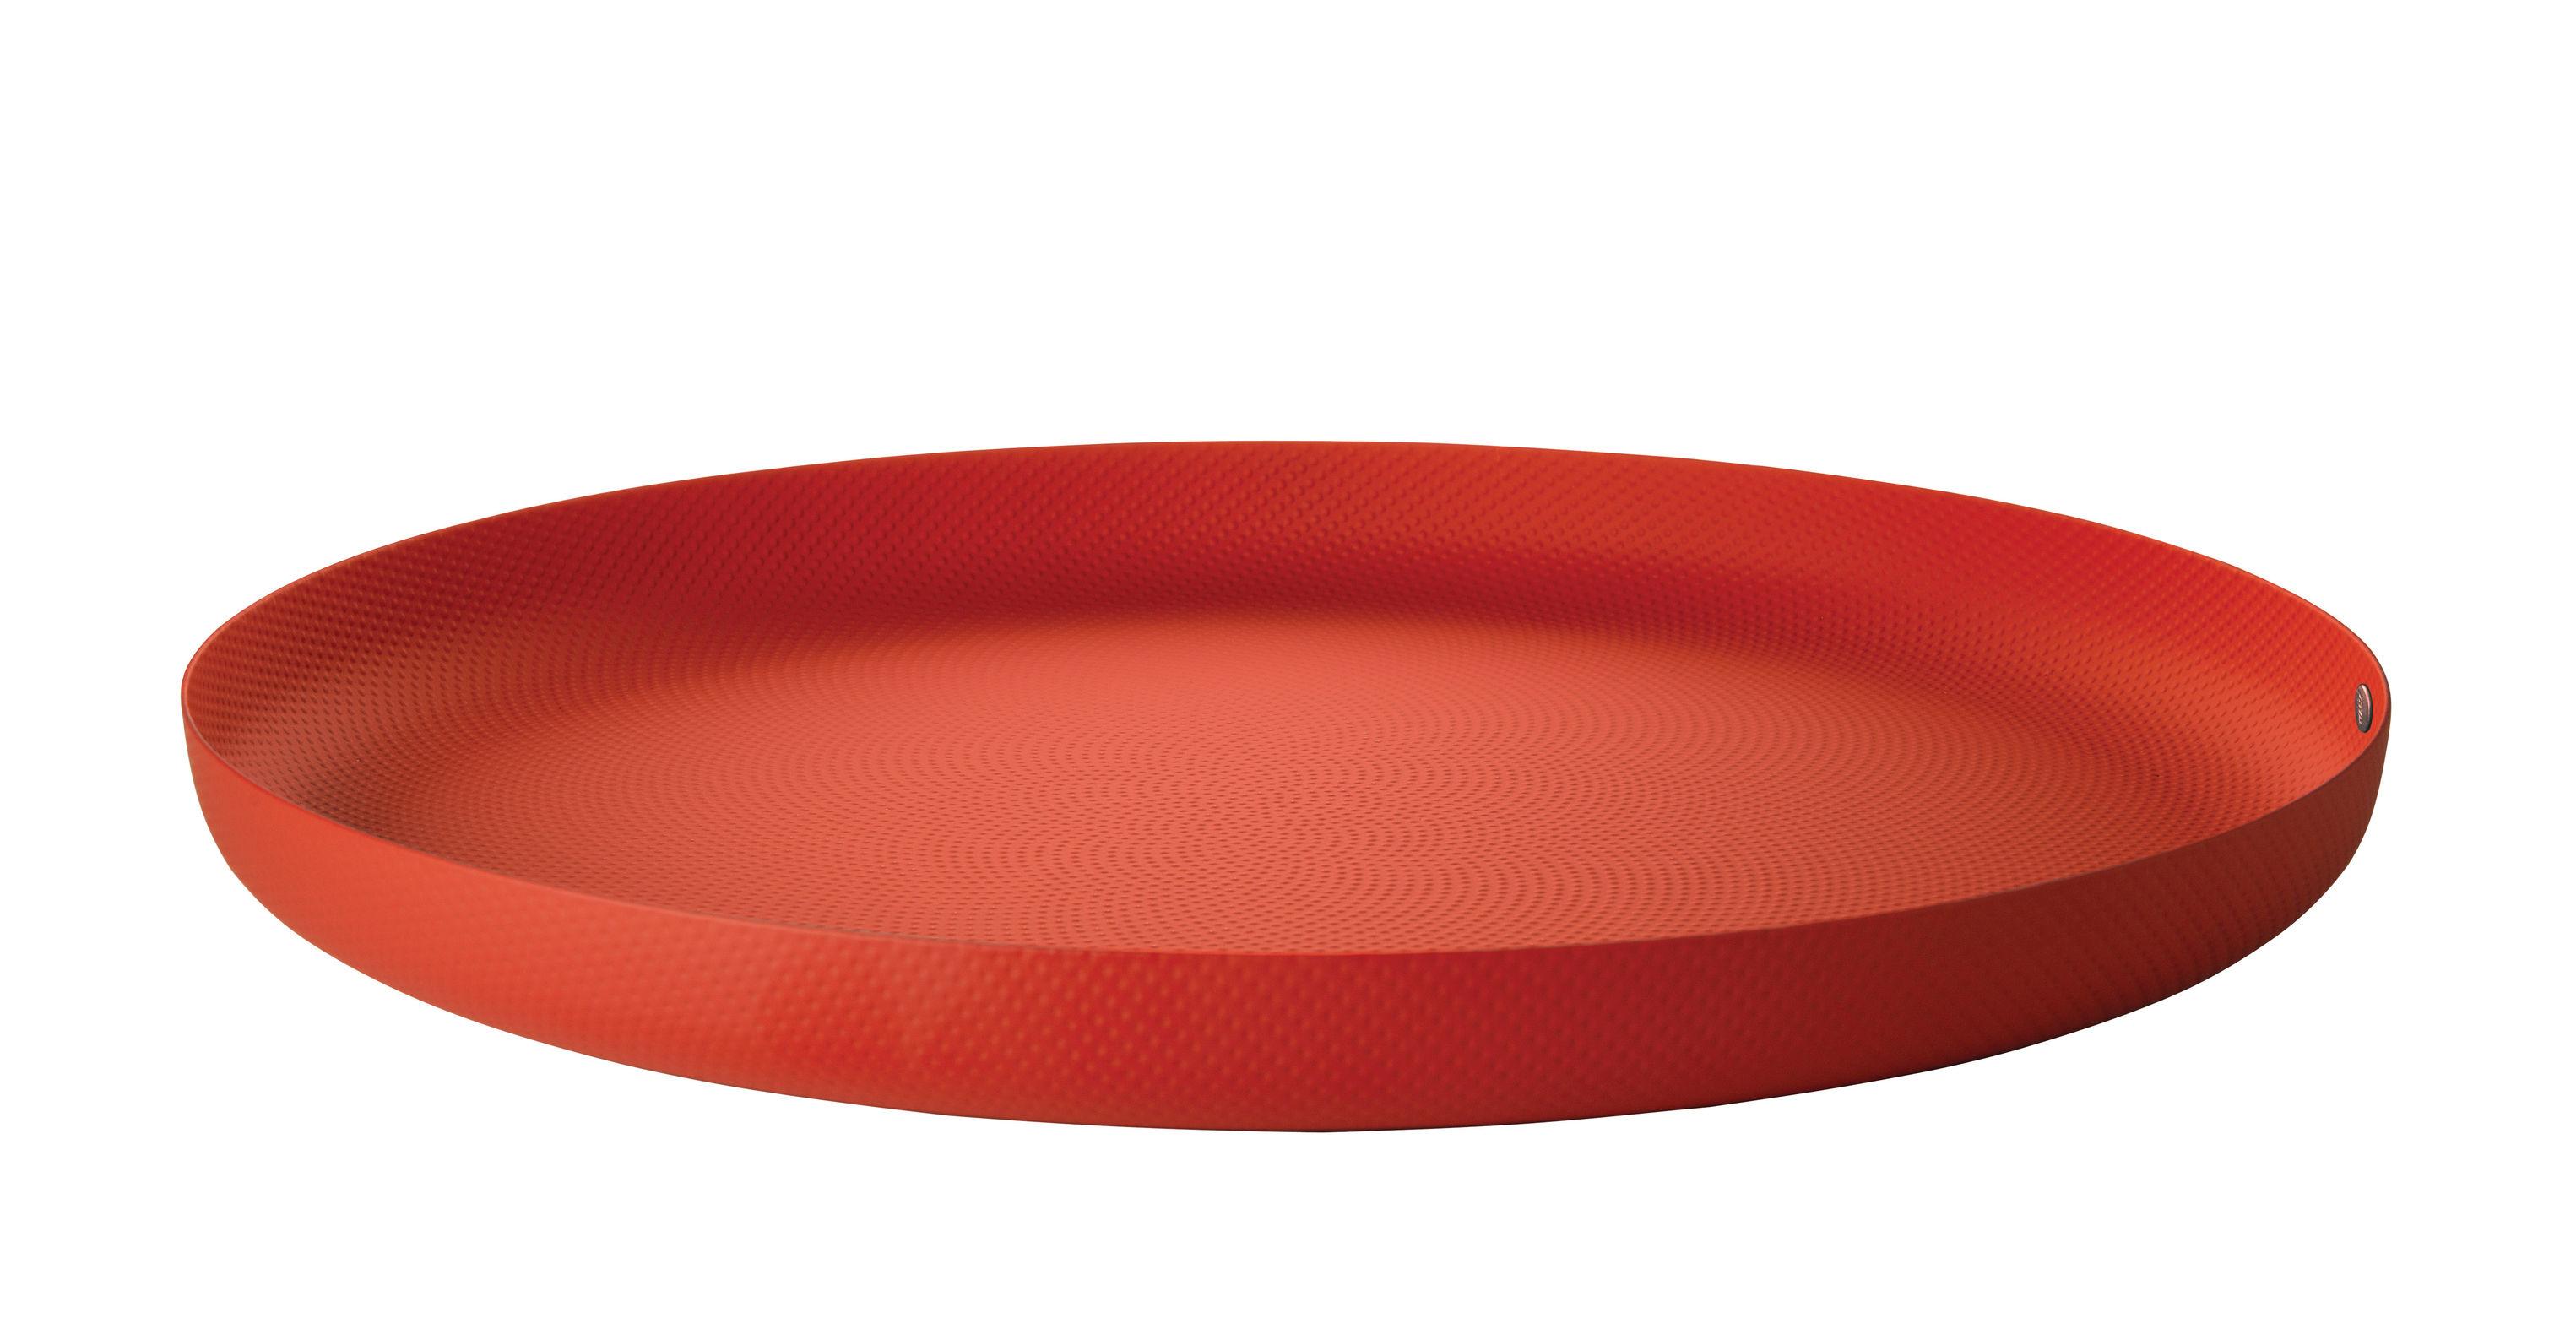 Tischkultur - Tabletts - JM 14 Tablett / Stahl - Ø 35 cm - Alessi - Rot - bemalter Stahl